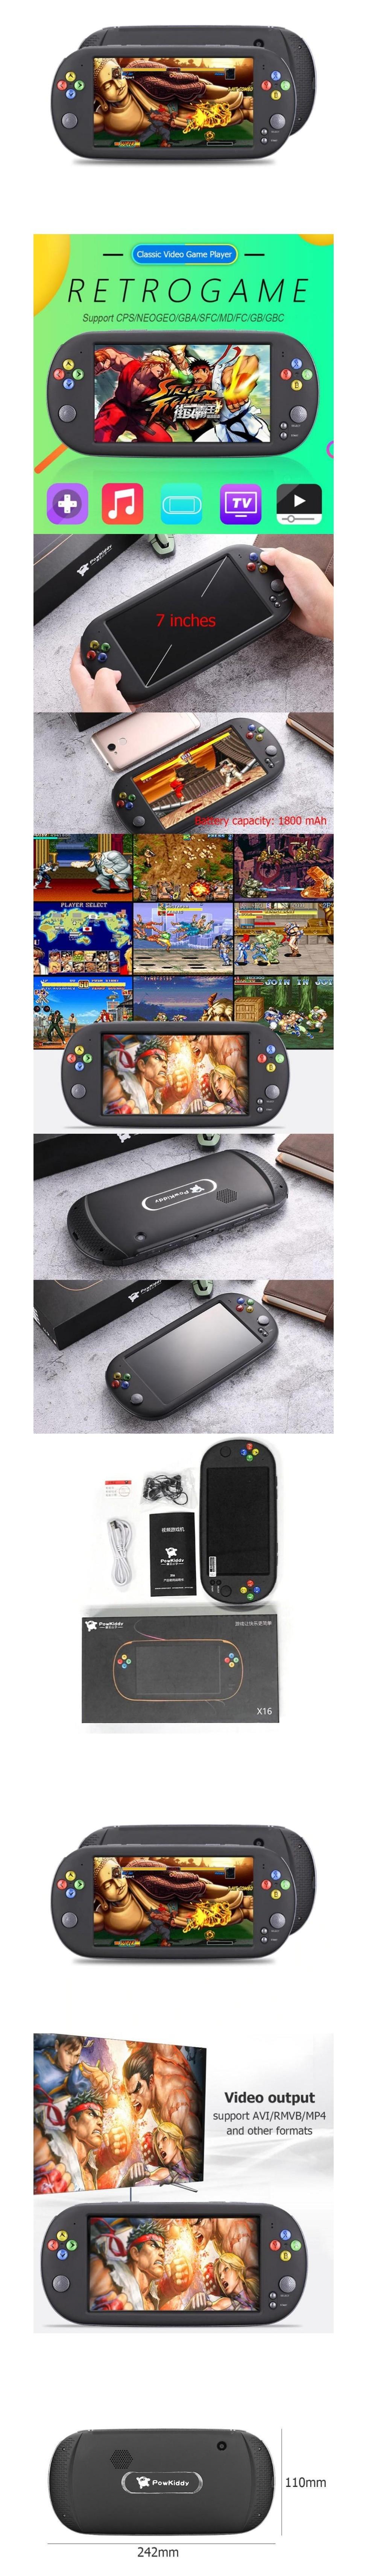 prezentare-x16-gamefa5a5d000c27b1f1.jpg